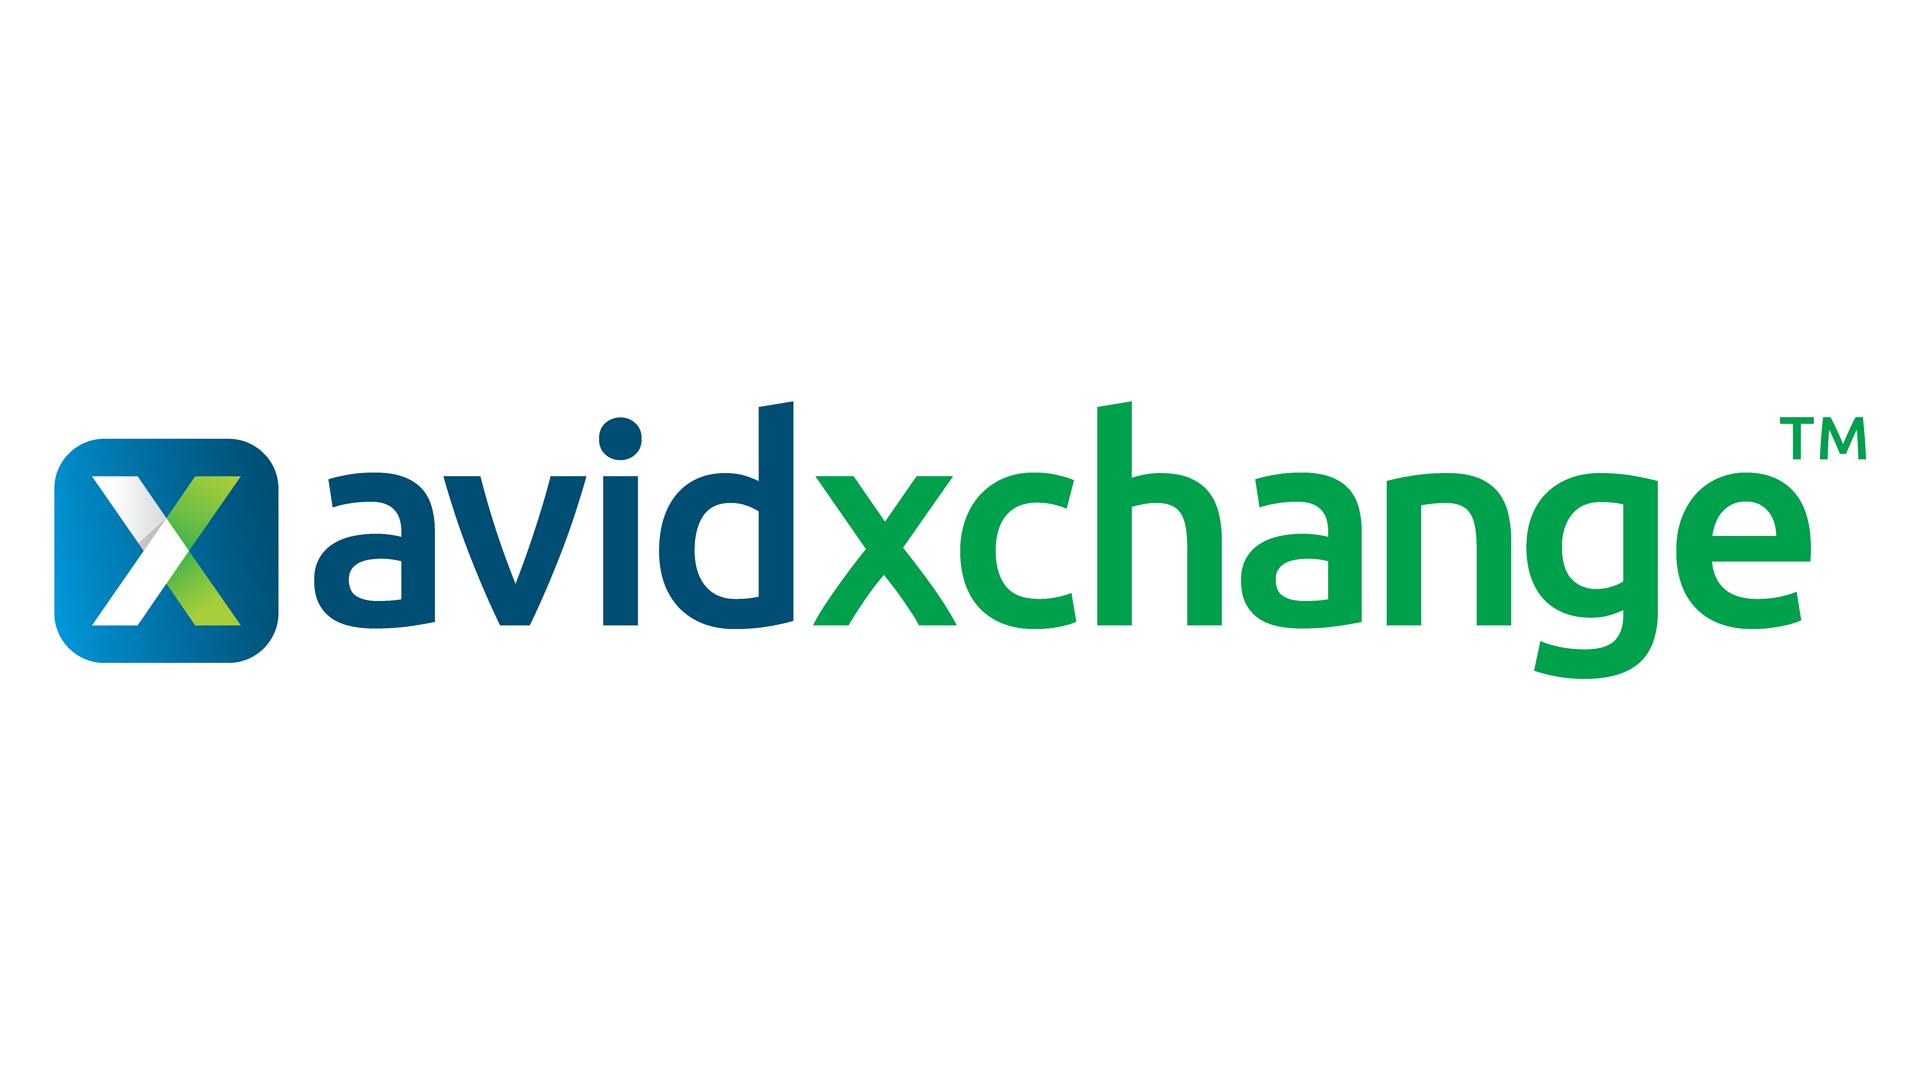 AvidXchangeLogo_1920x1080-01 (002).png